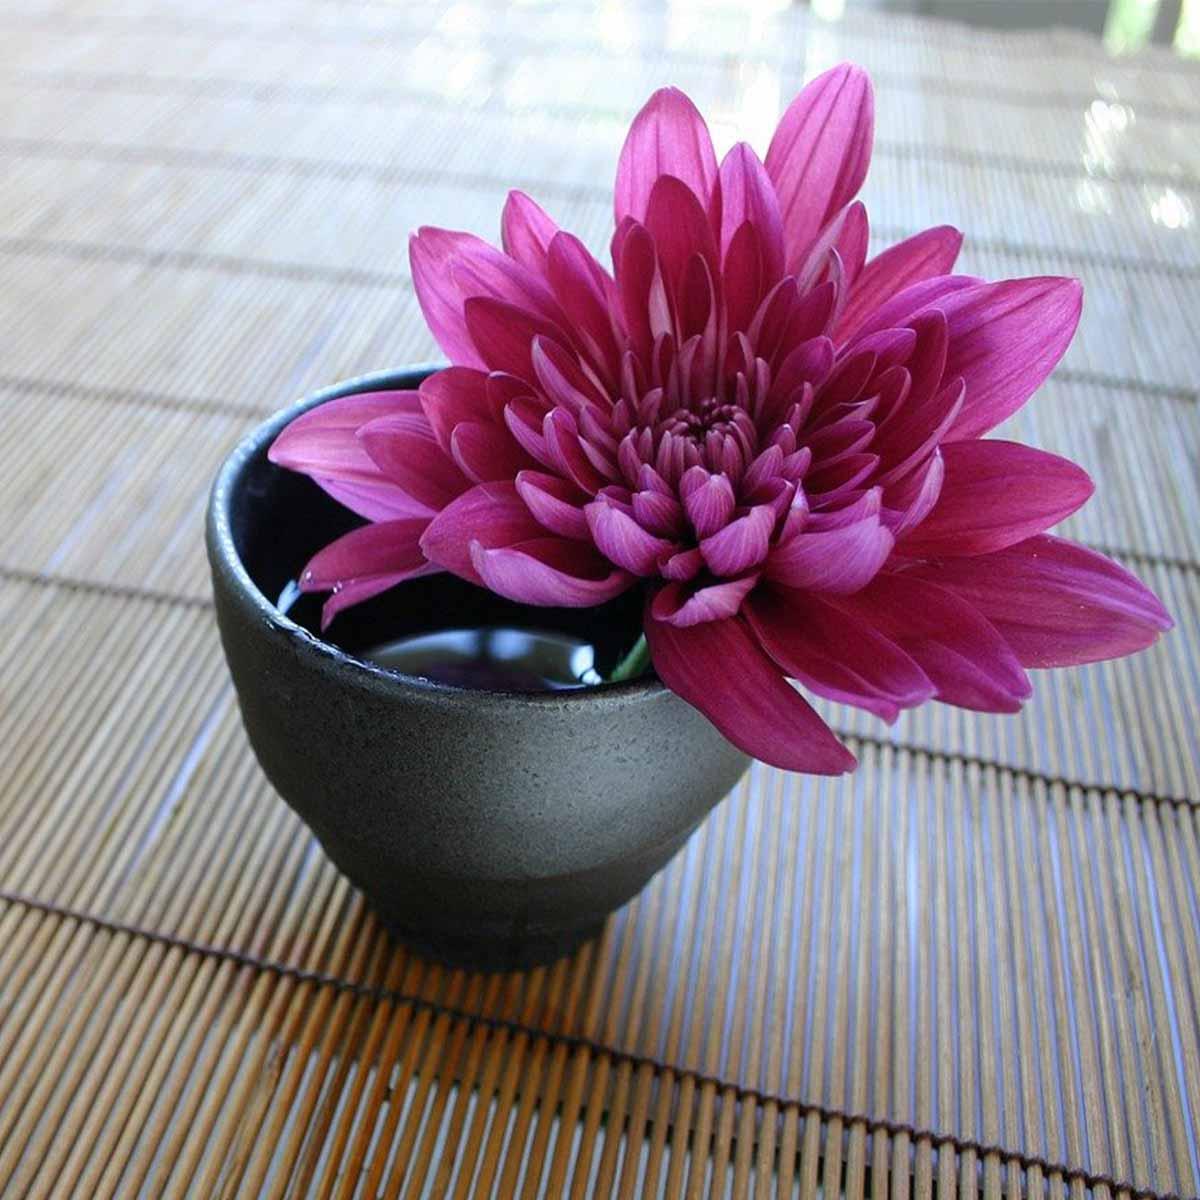 Mejores plantas para San Valentín - Crisantemo